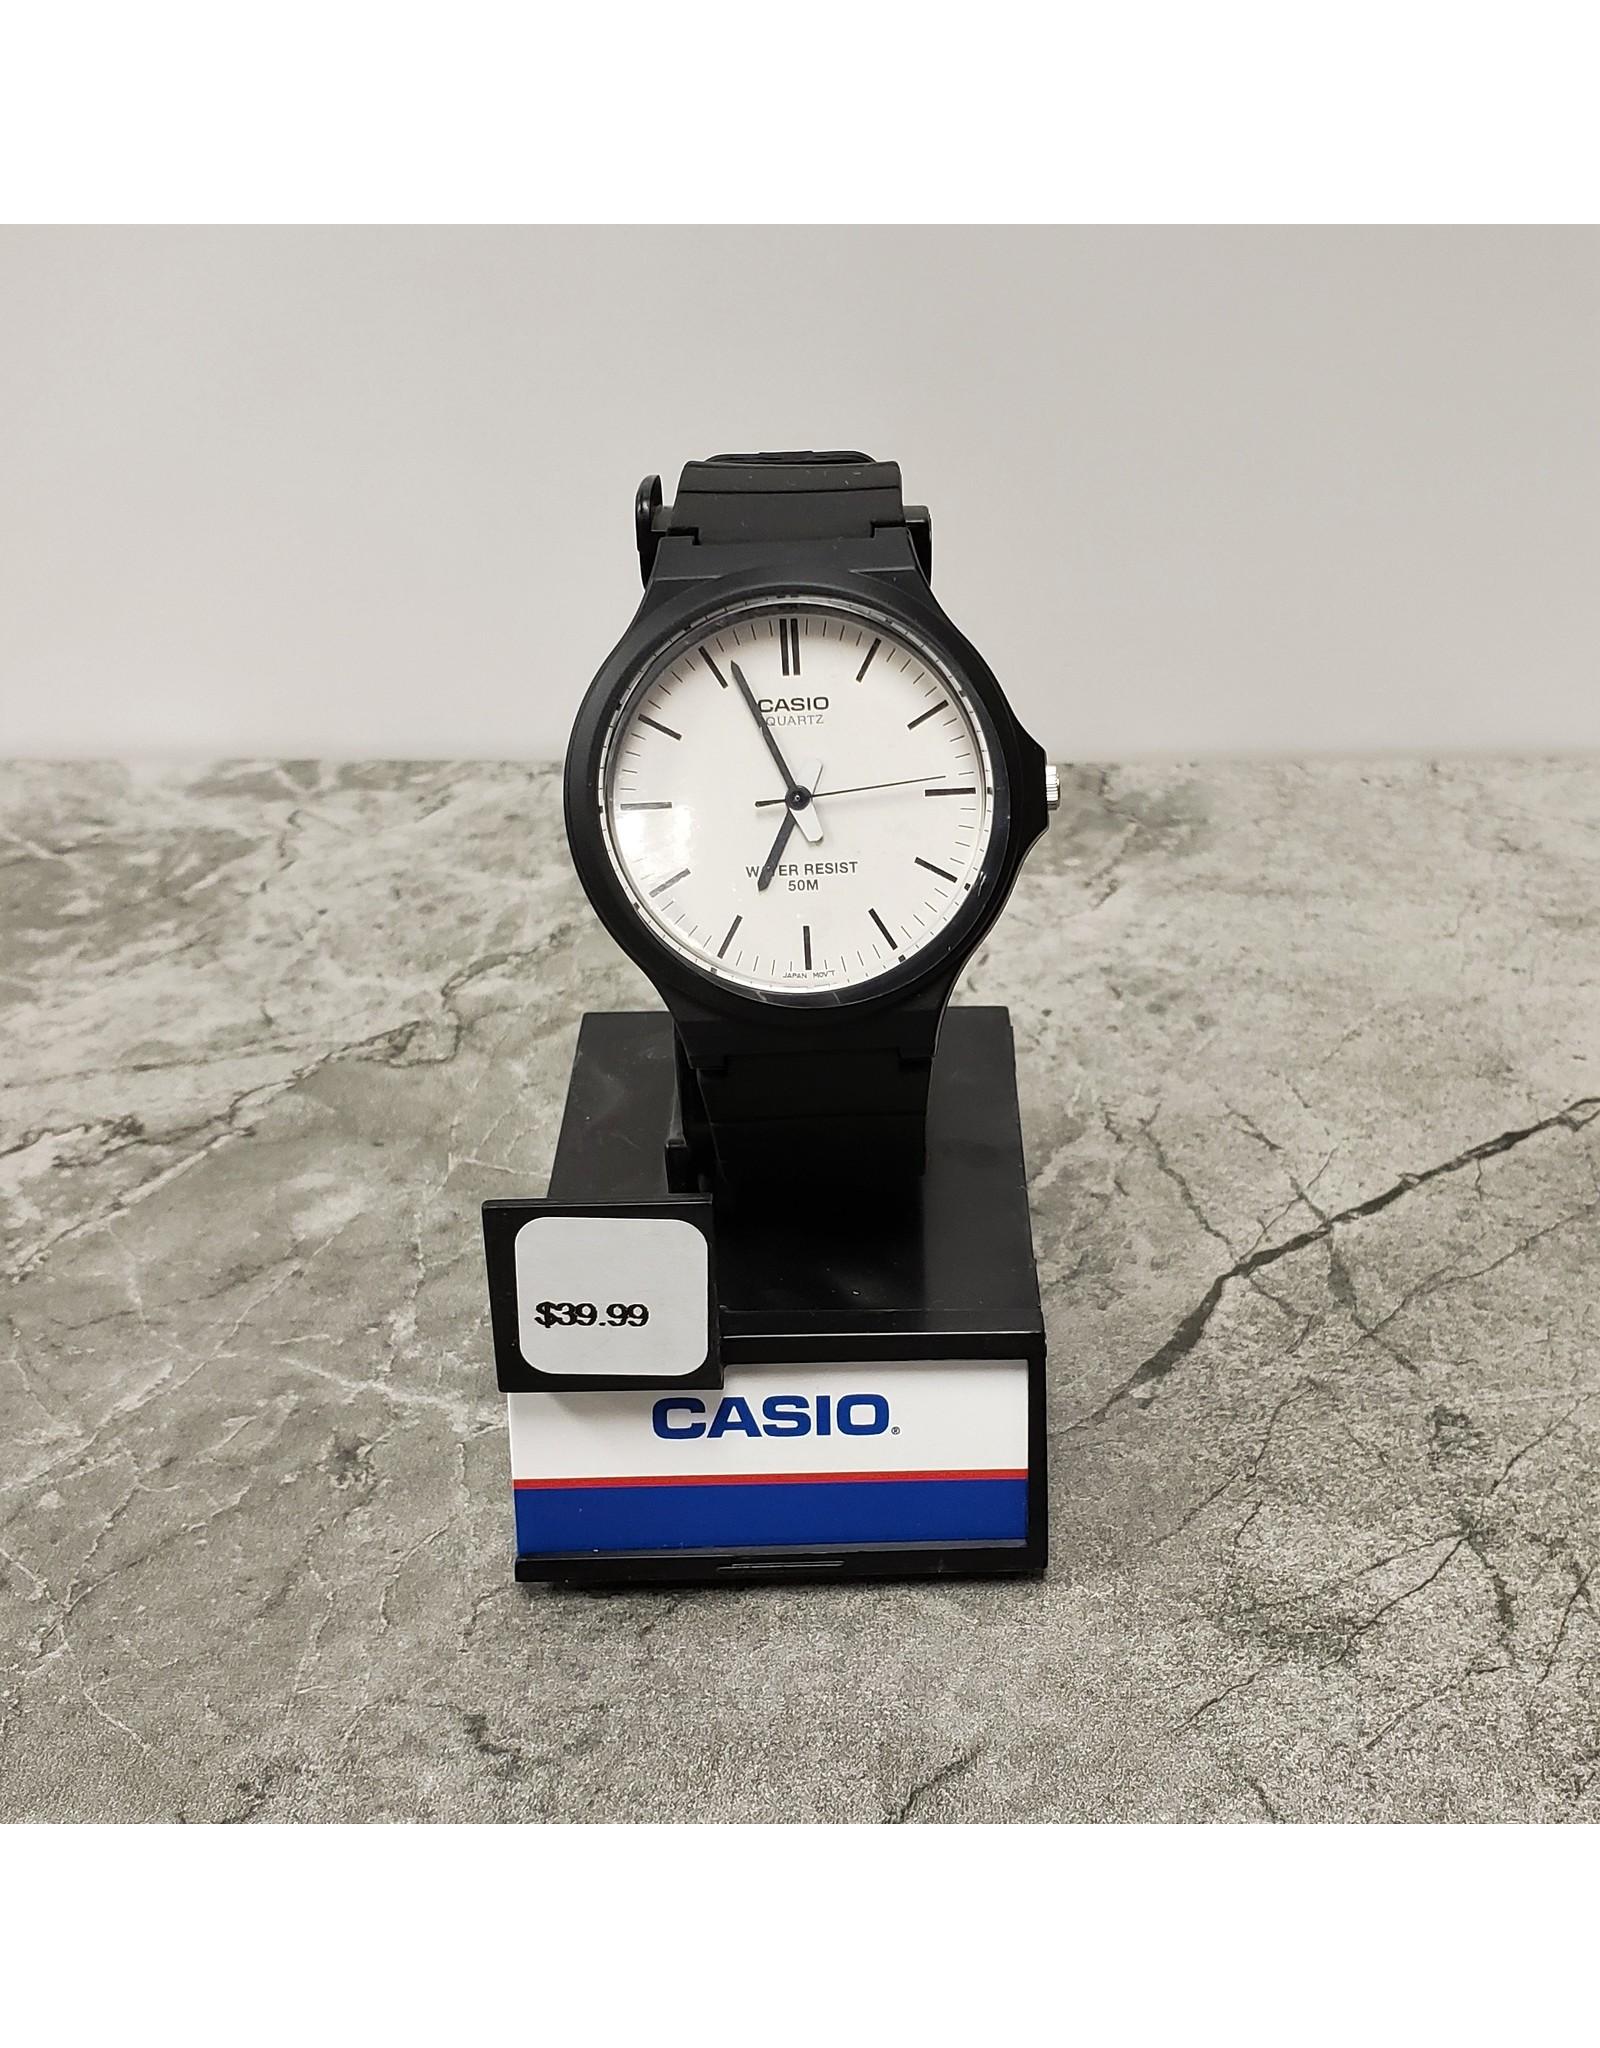 CASIO CASIO MW-240-7EV